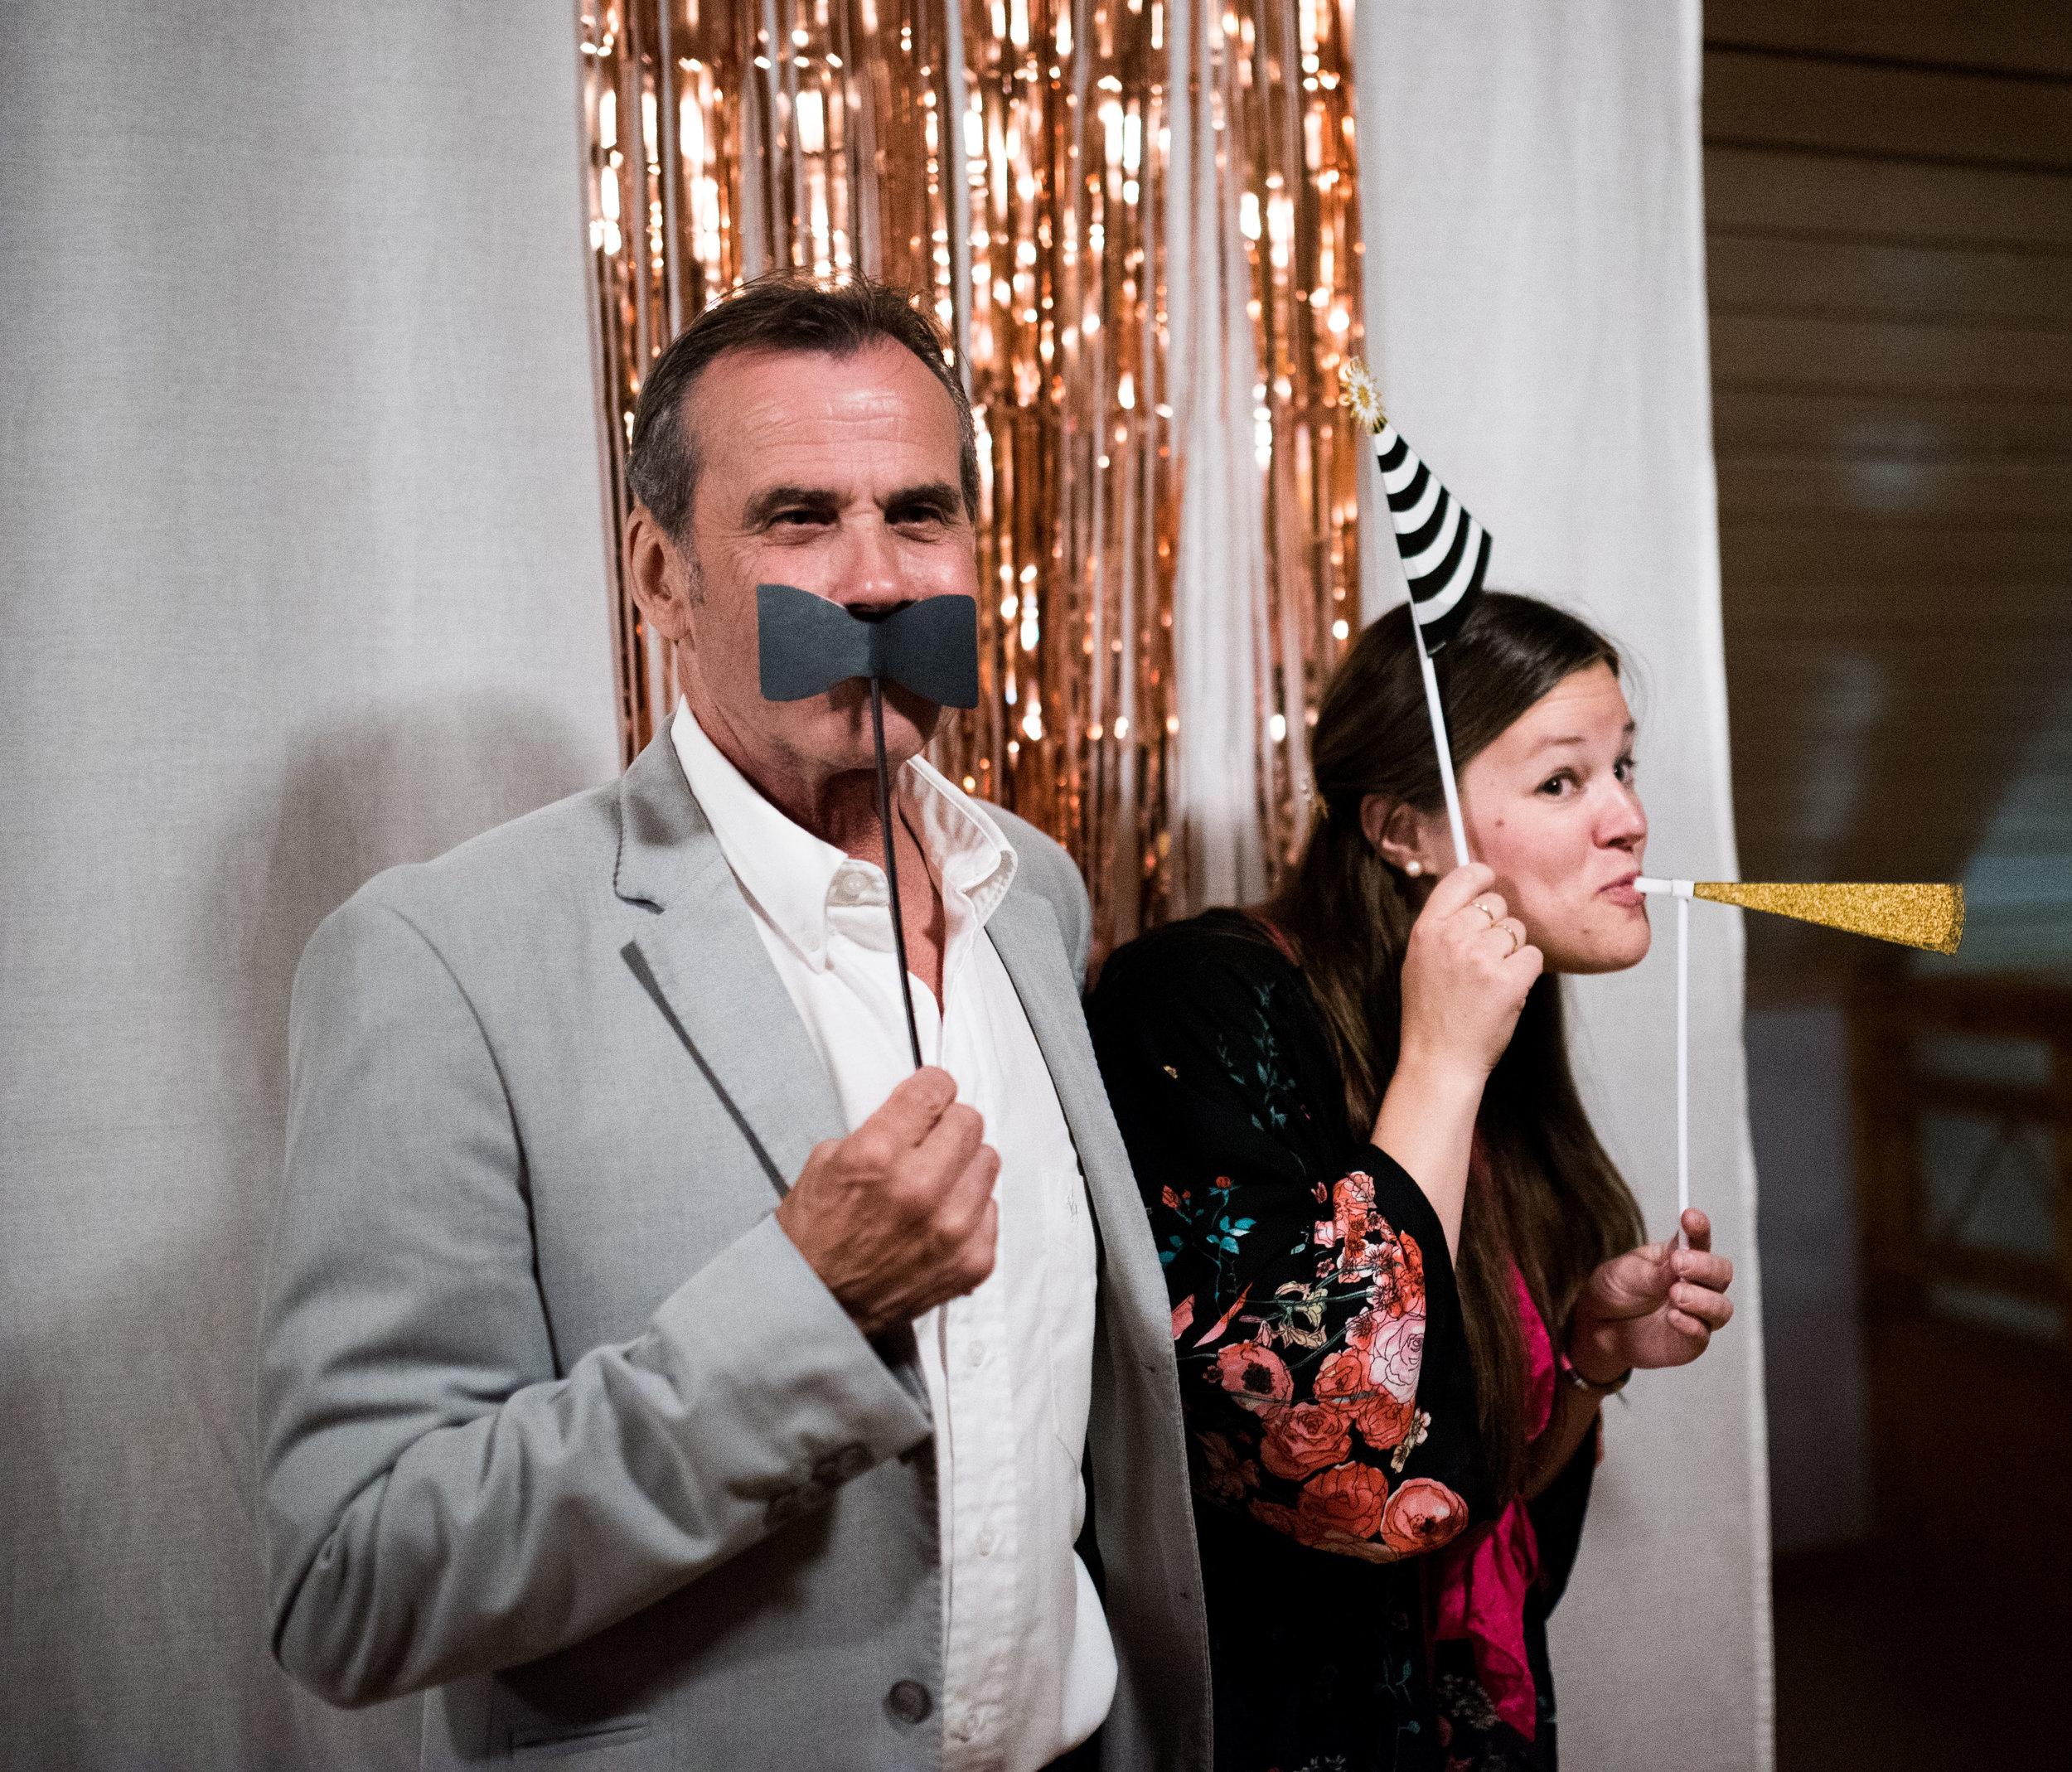 Bröllop2019lågkvall2-6461.jpg